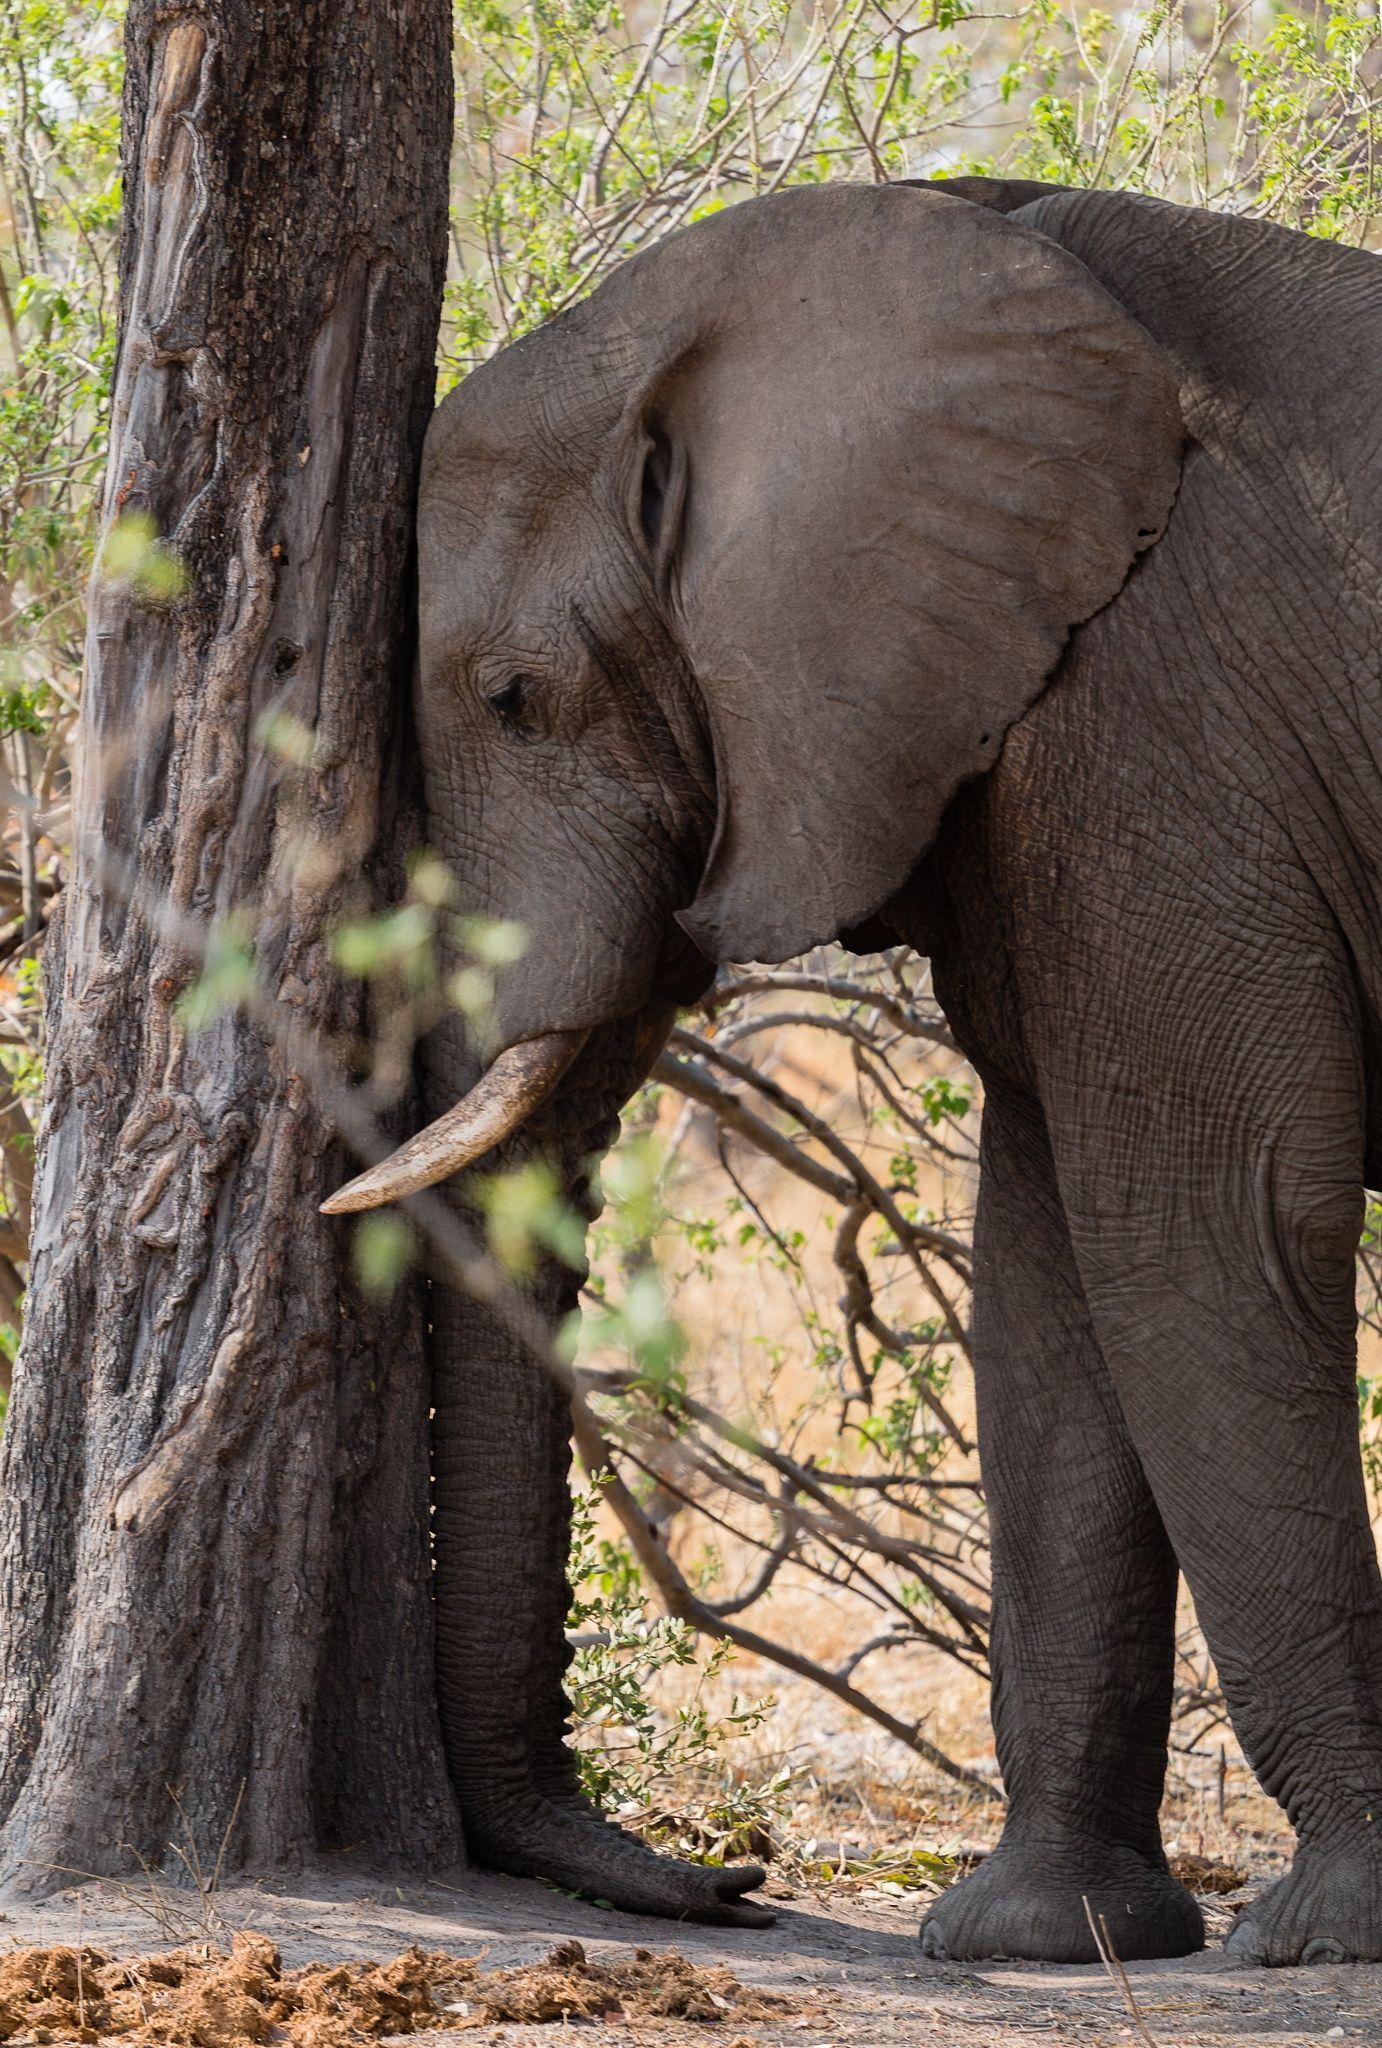 A Little Nap Elephant Susse Tiere Elefanten Tiere